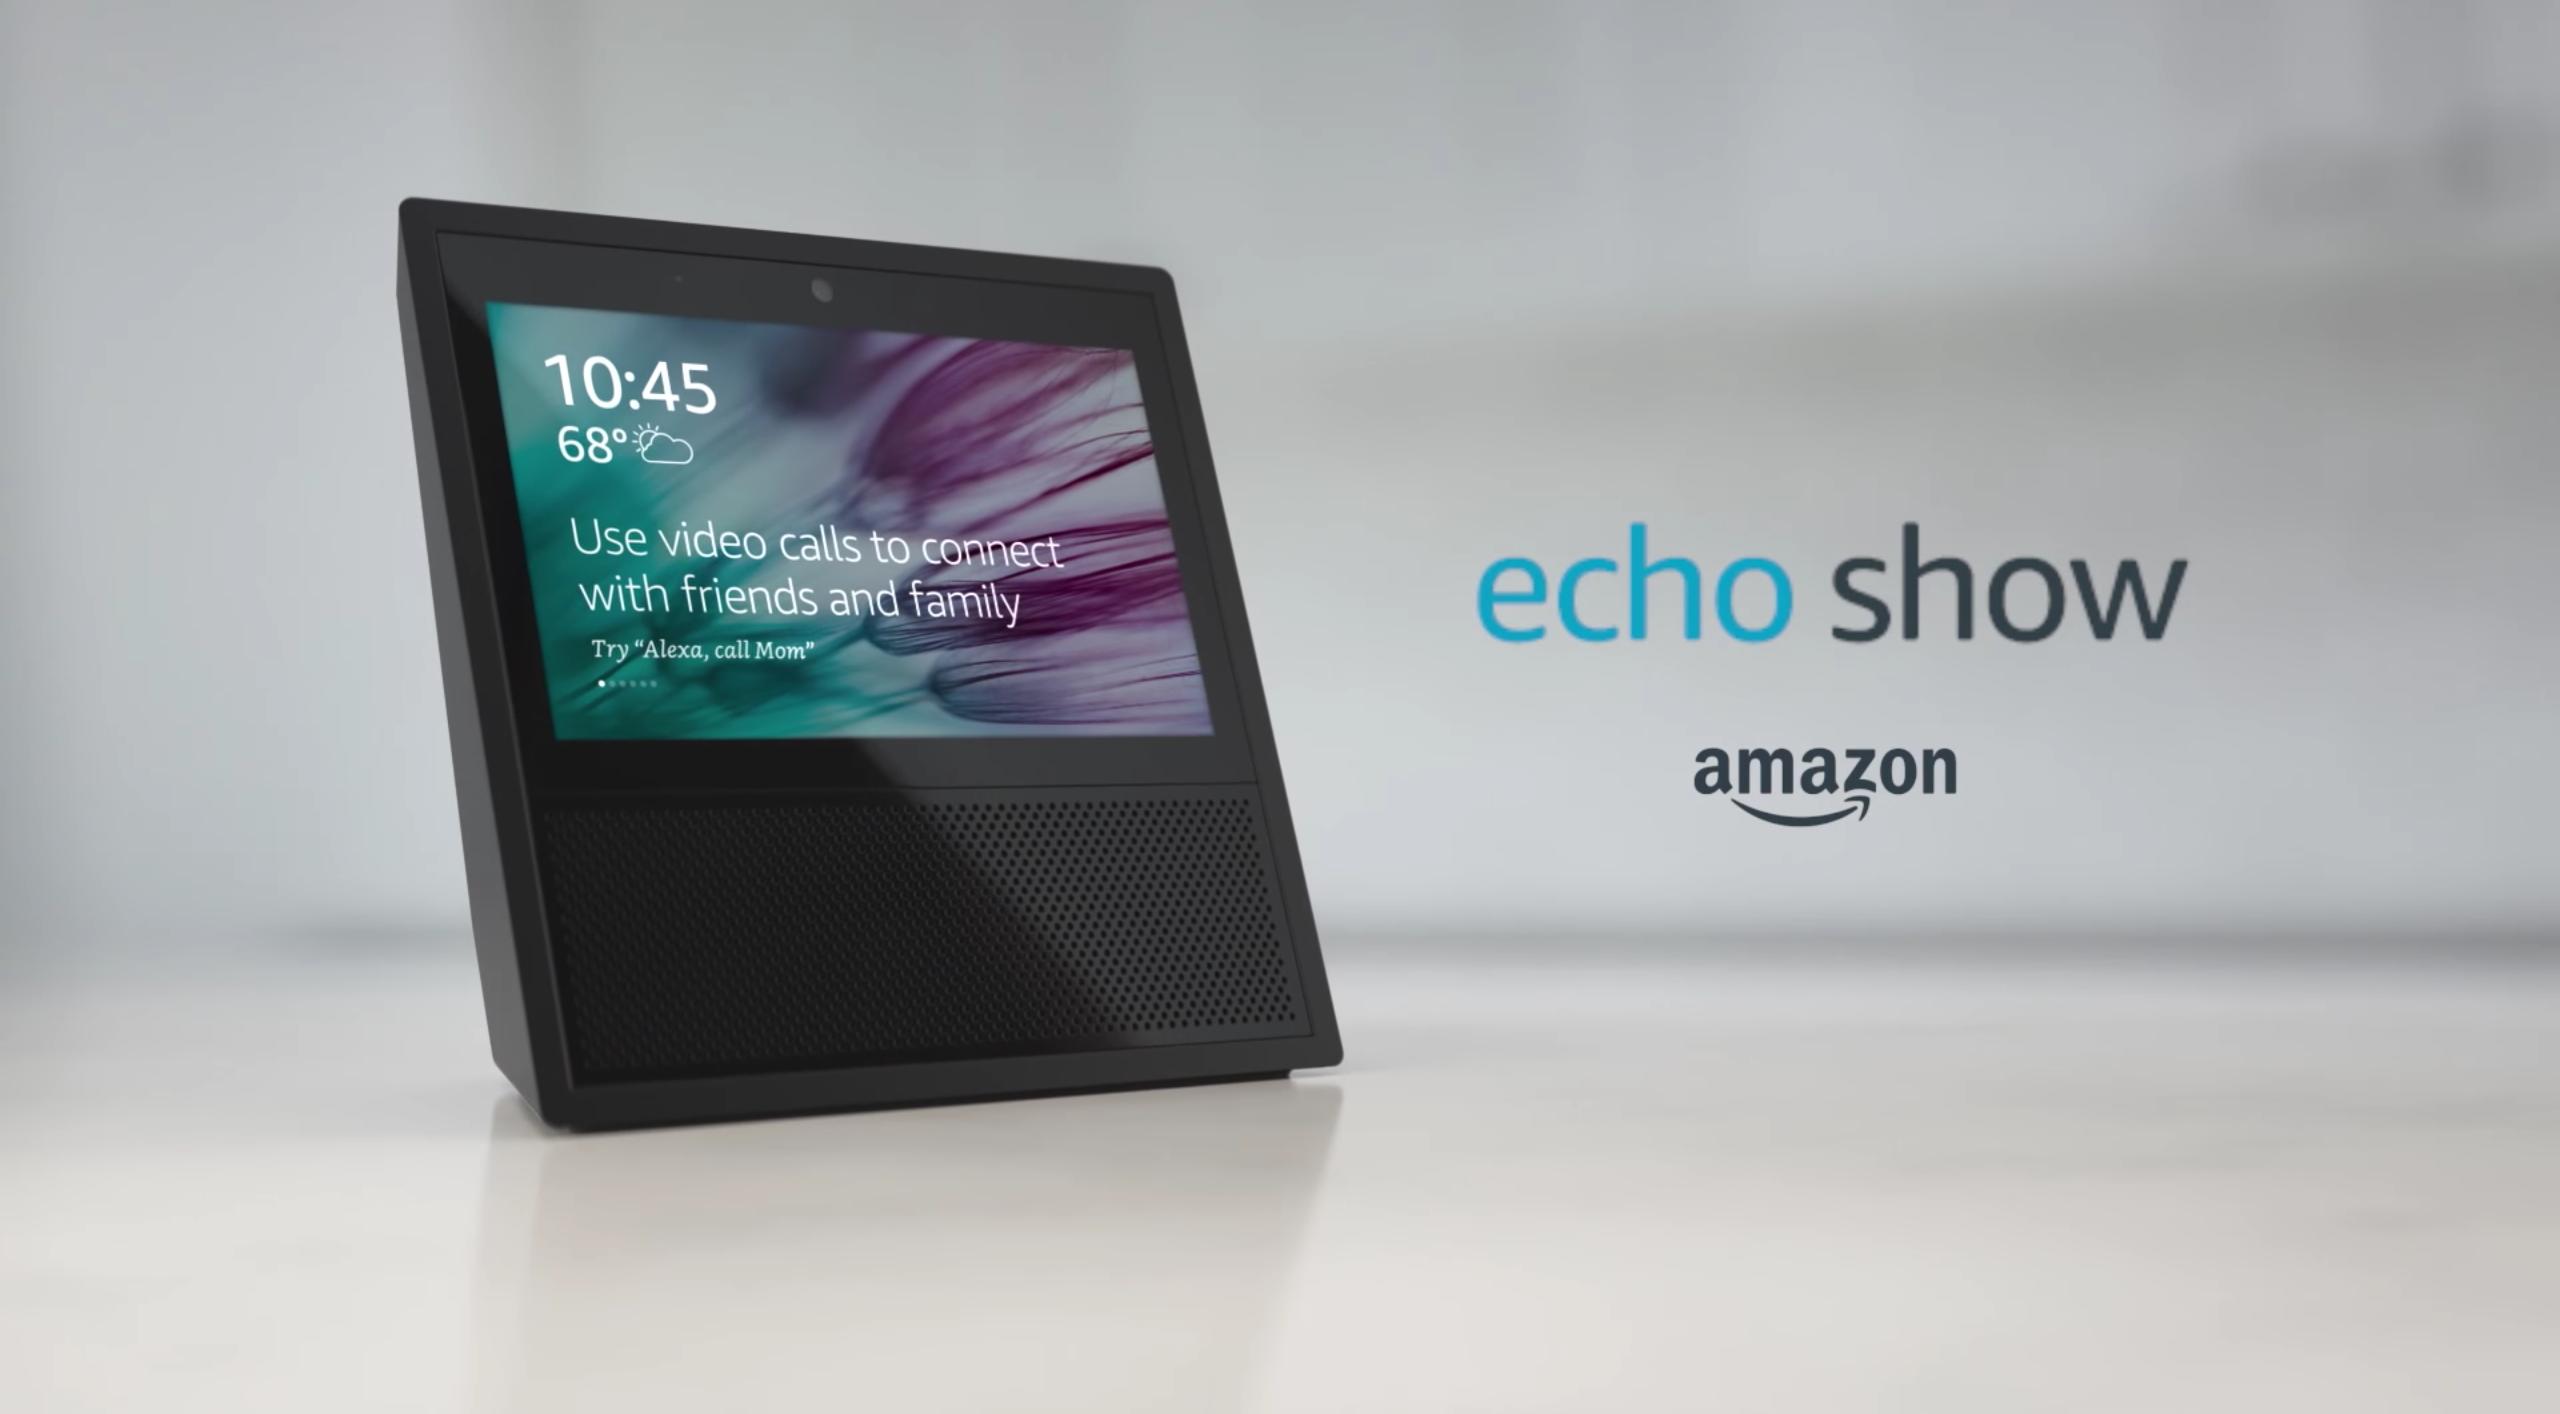 Amazonが7インチディスプレイ搭載「Echo Show」を発表。6月28日に発売